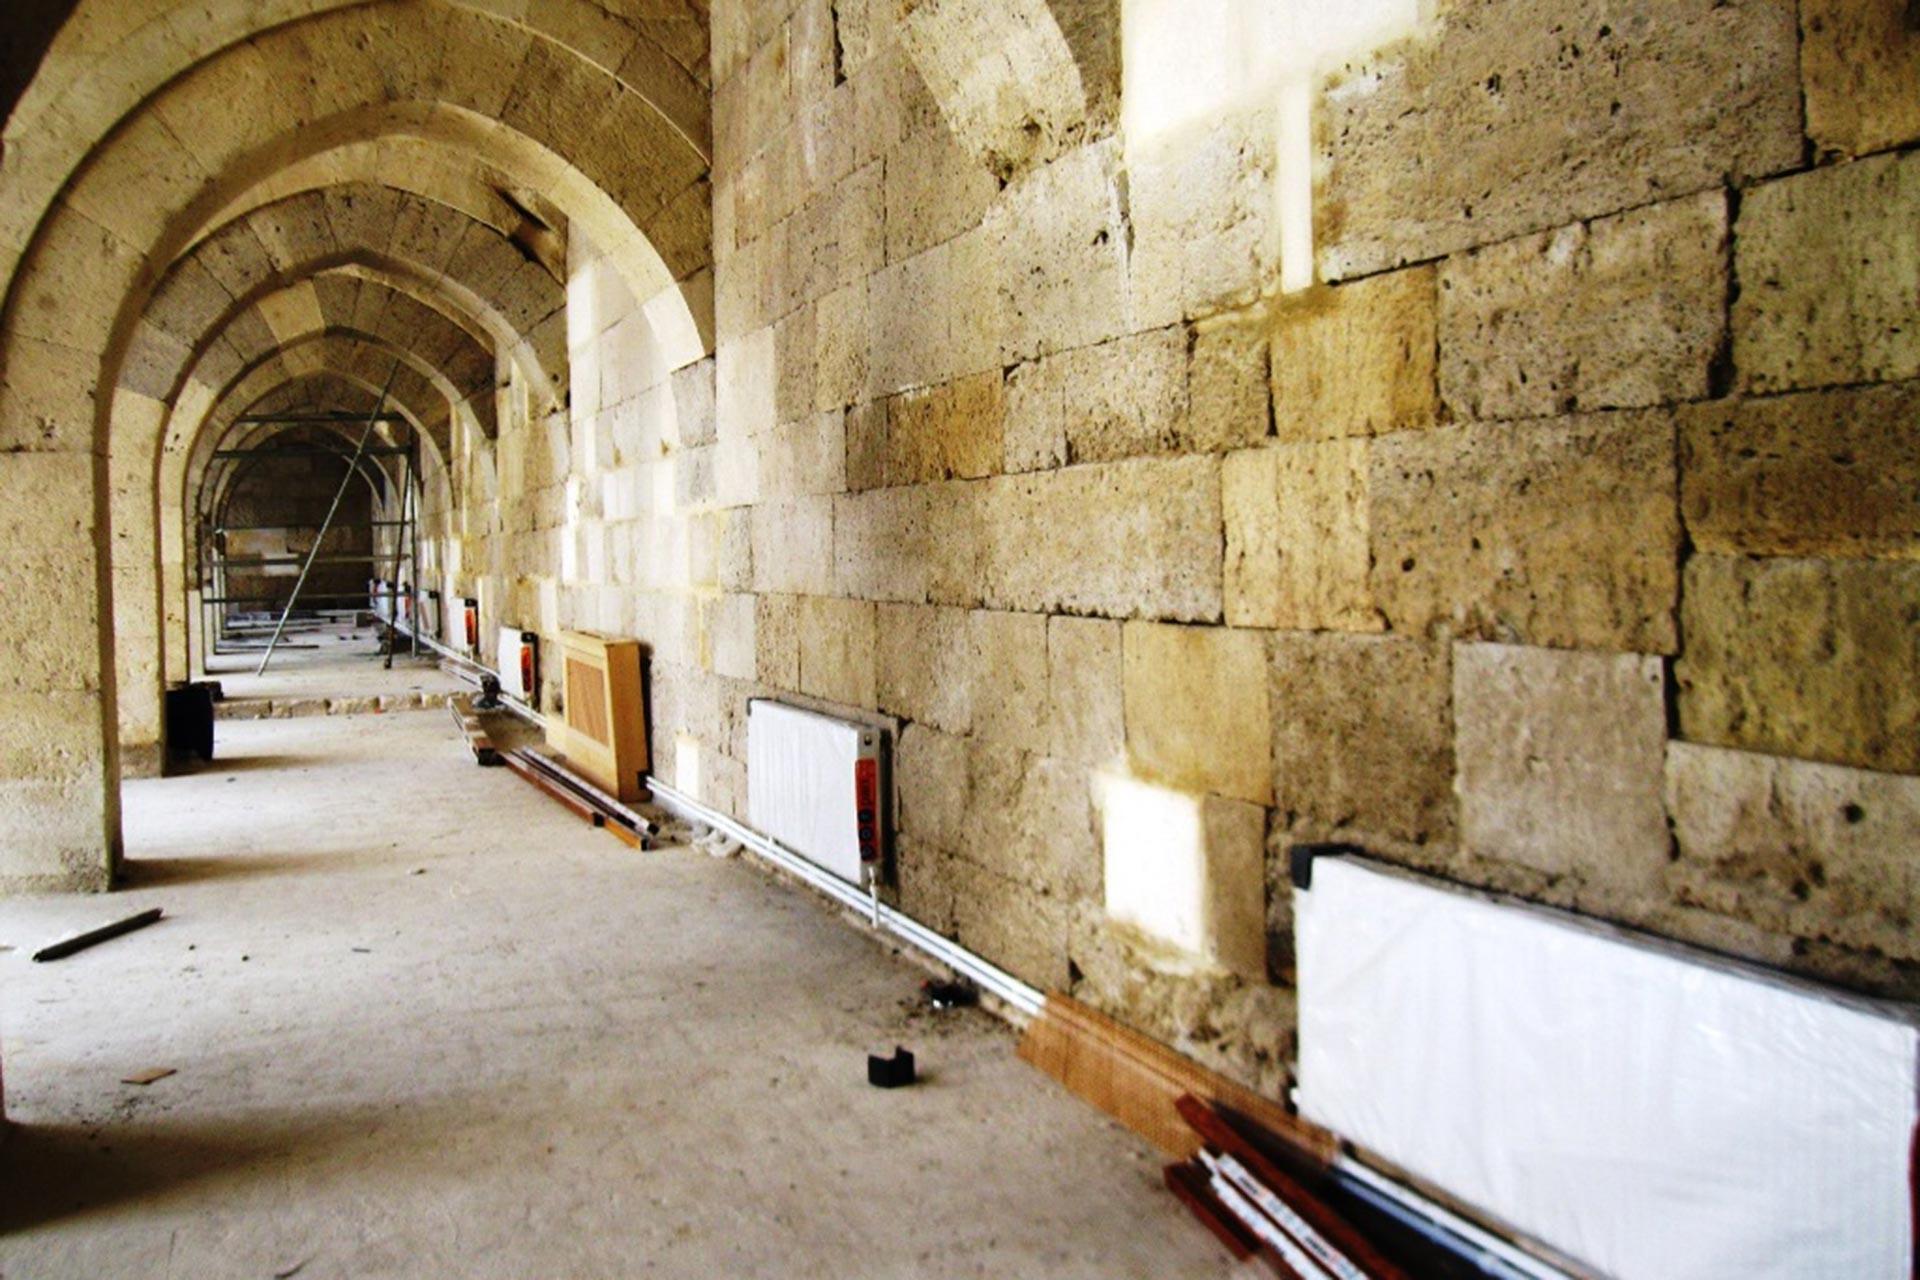 800 yıllık Sultanhanı Kervansarayı'na kalorifer döşeyip klozet koydular